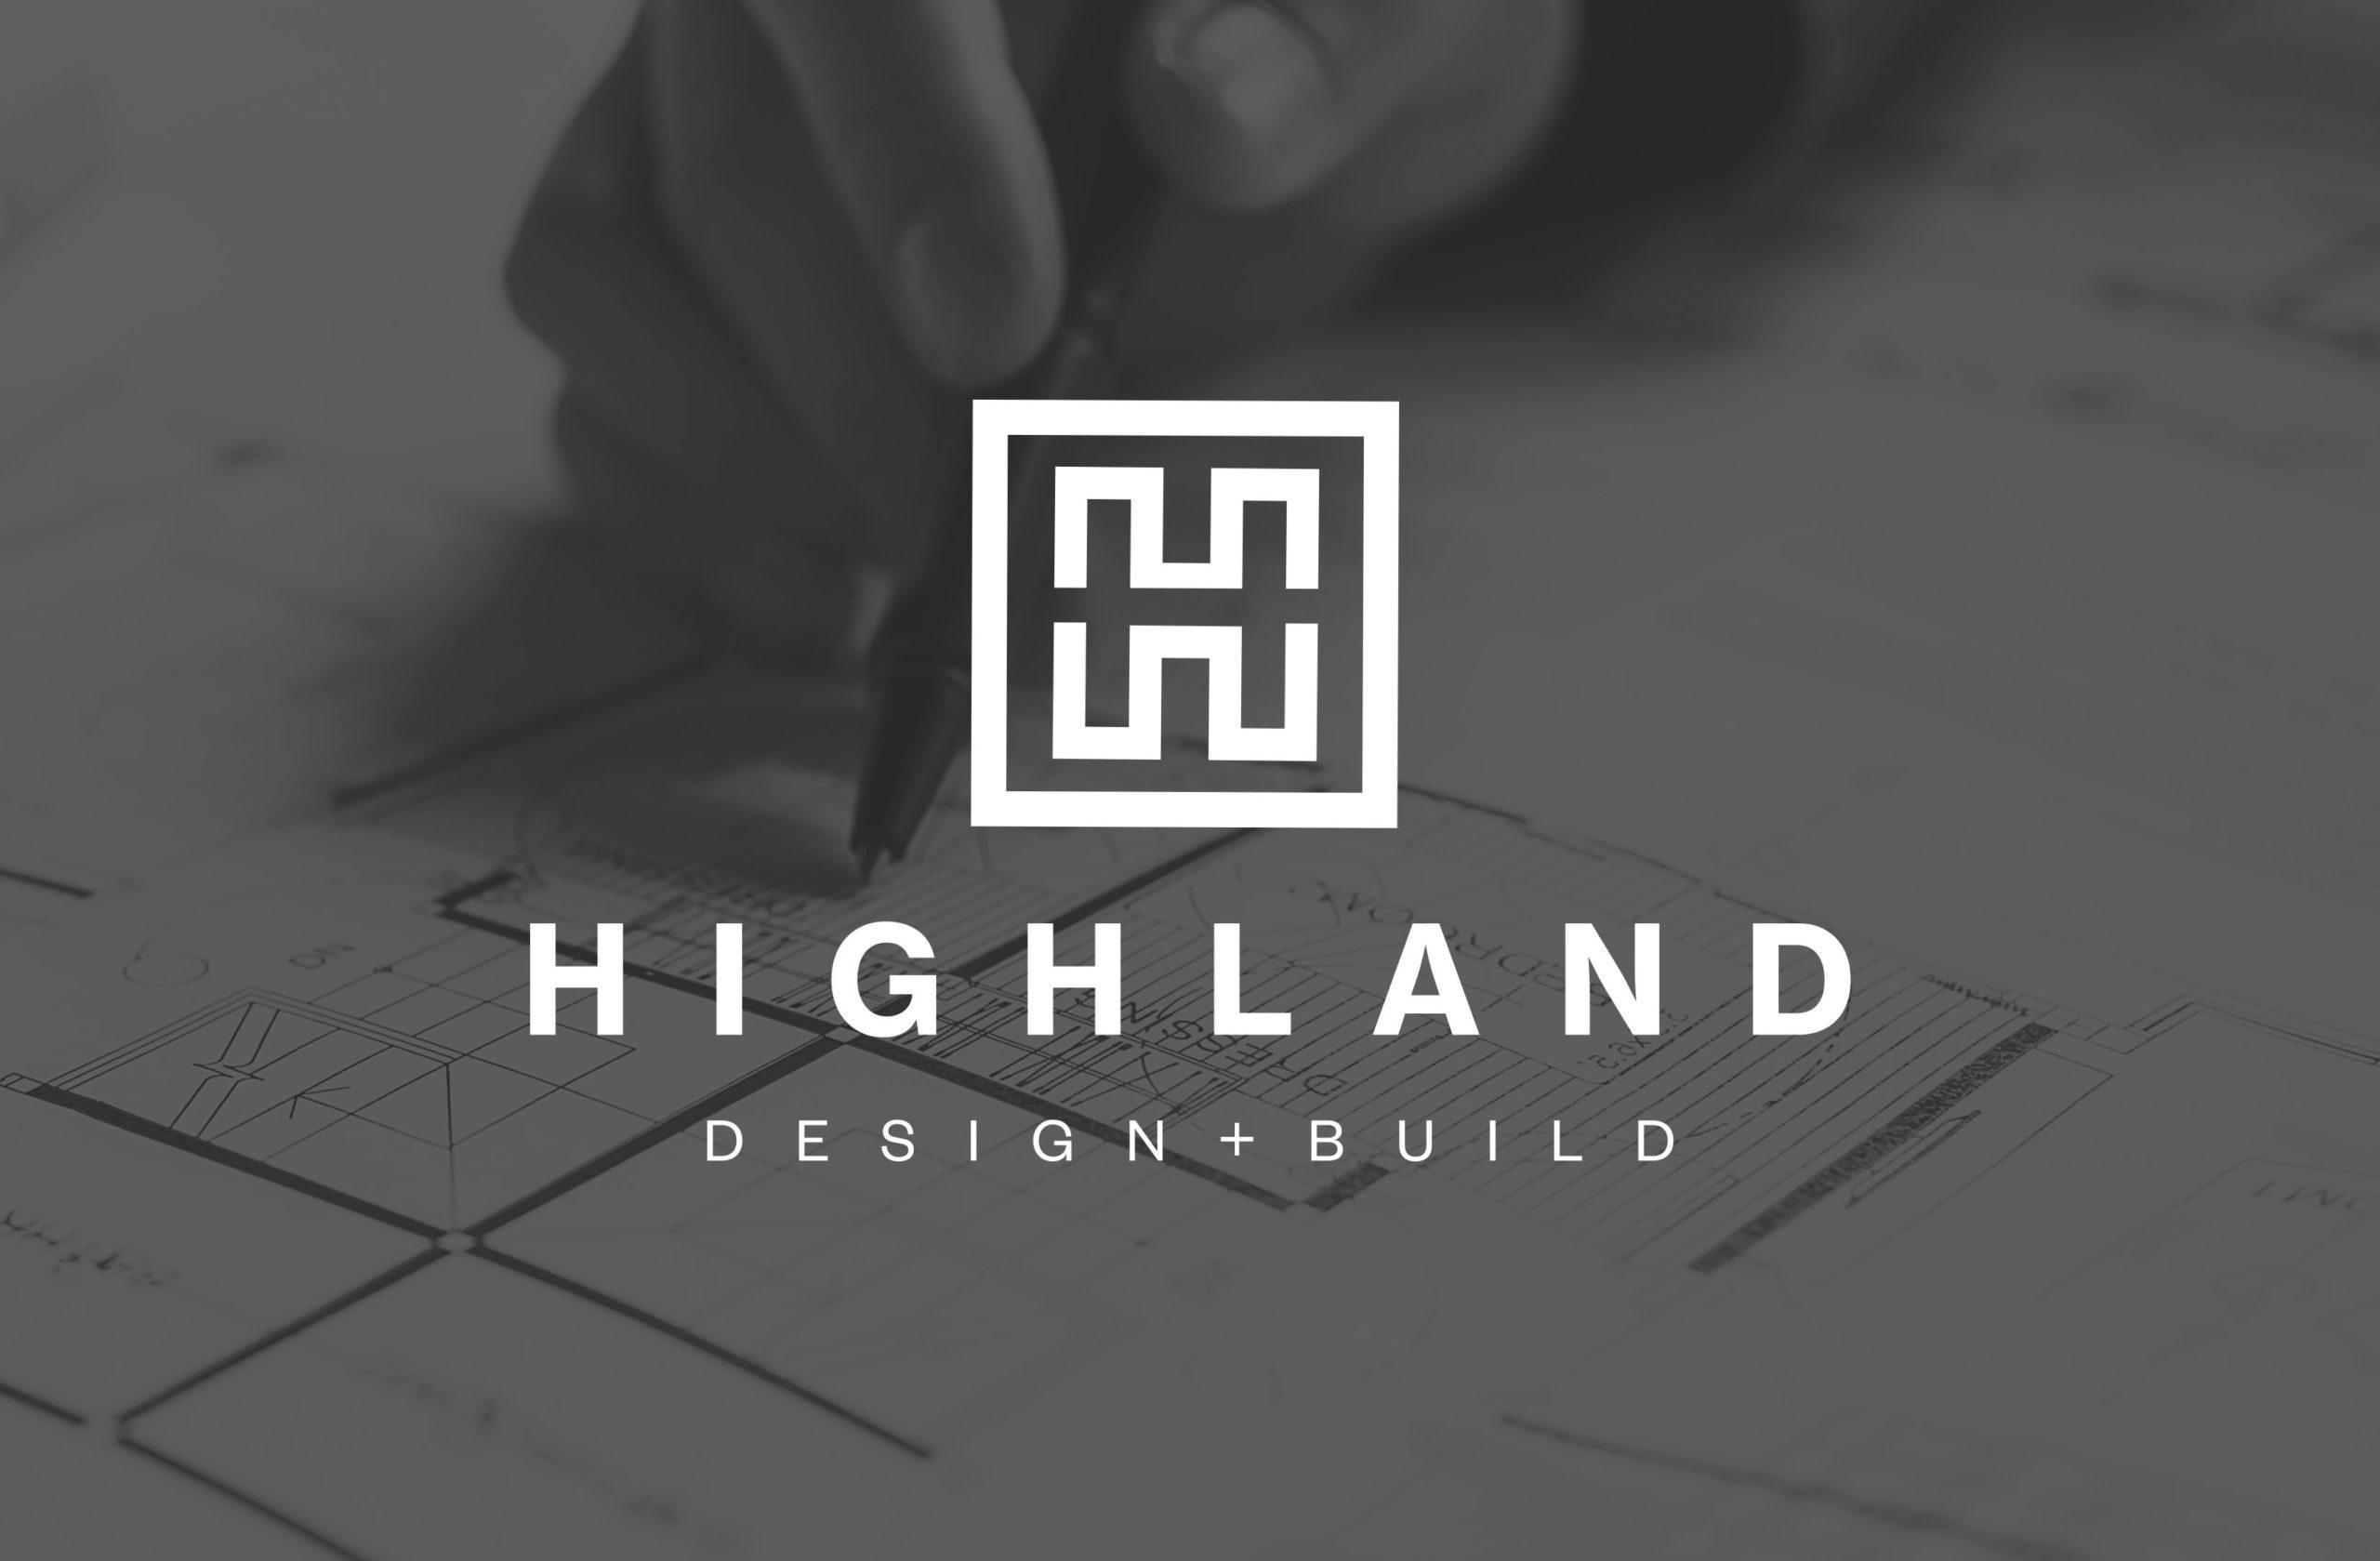 Highland Design